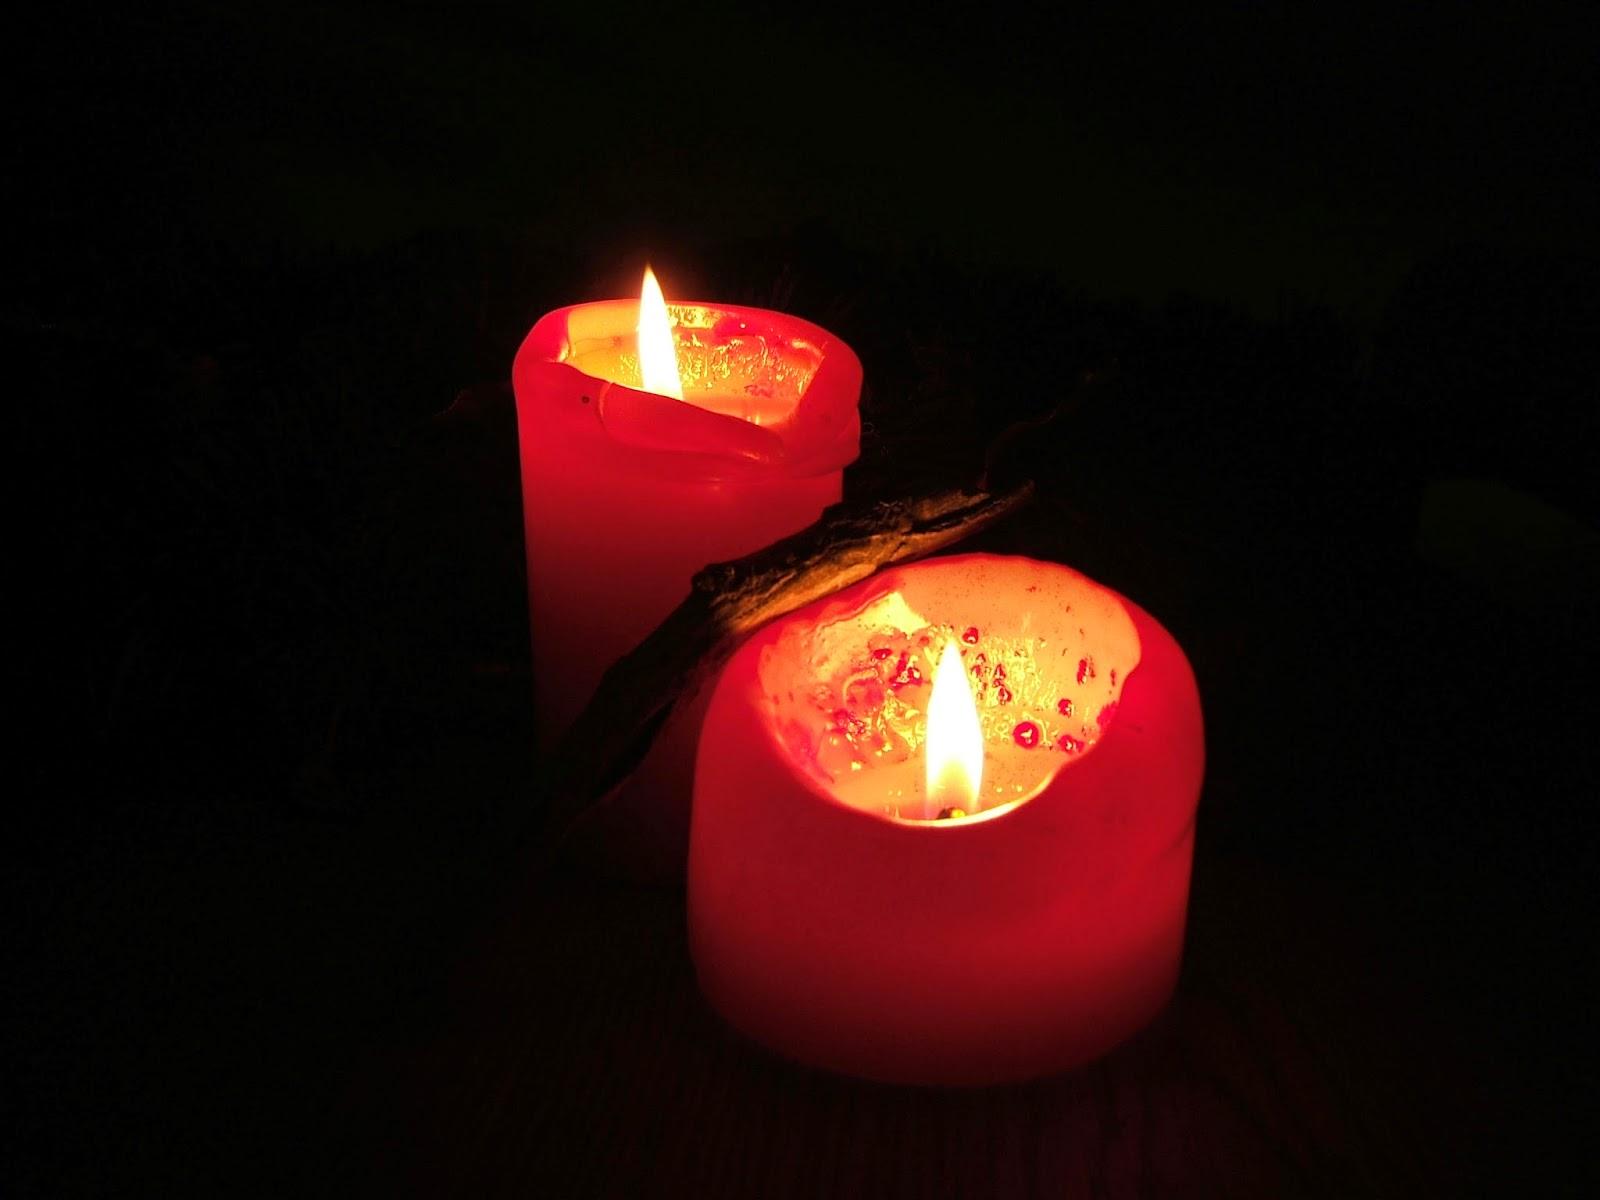 приворот любимой на свечи